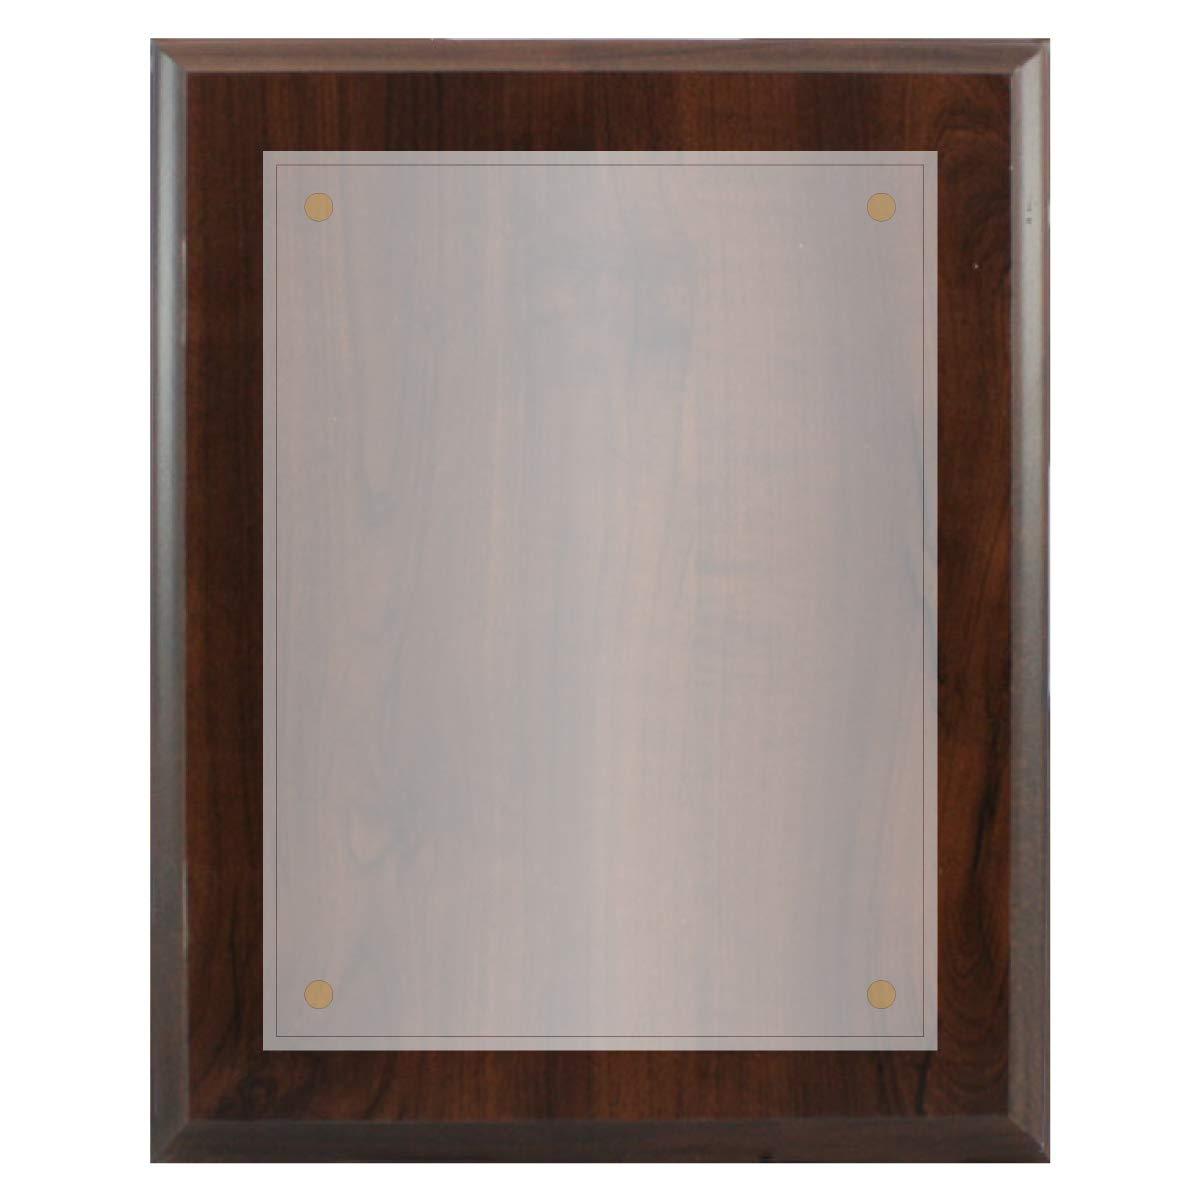 Black, 5x7 5 x 7 Board with 3.5 x 5 Plexiglass Coated Black Wood Board